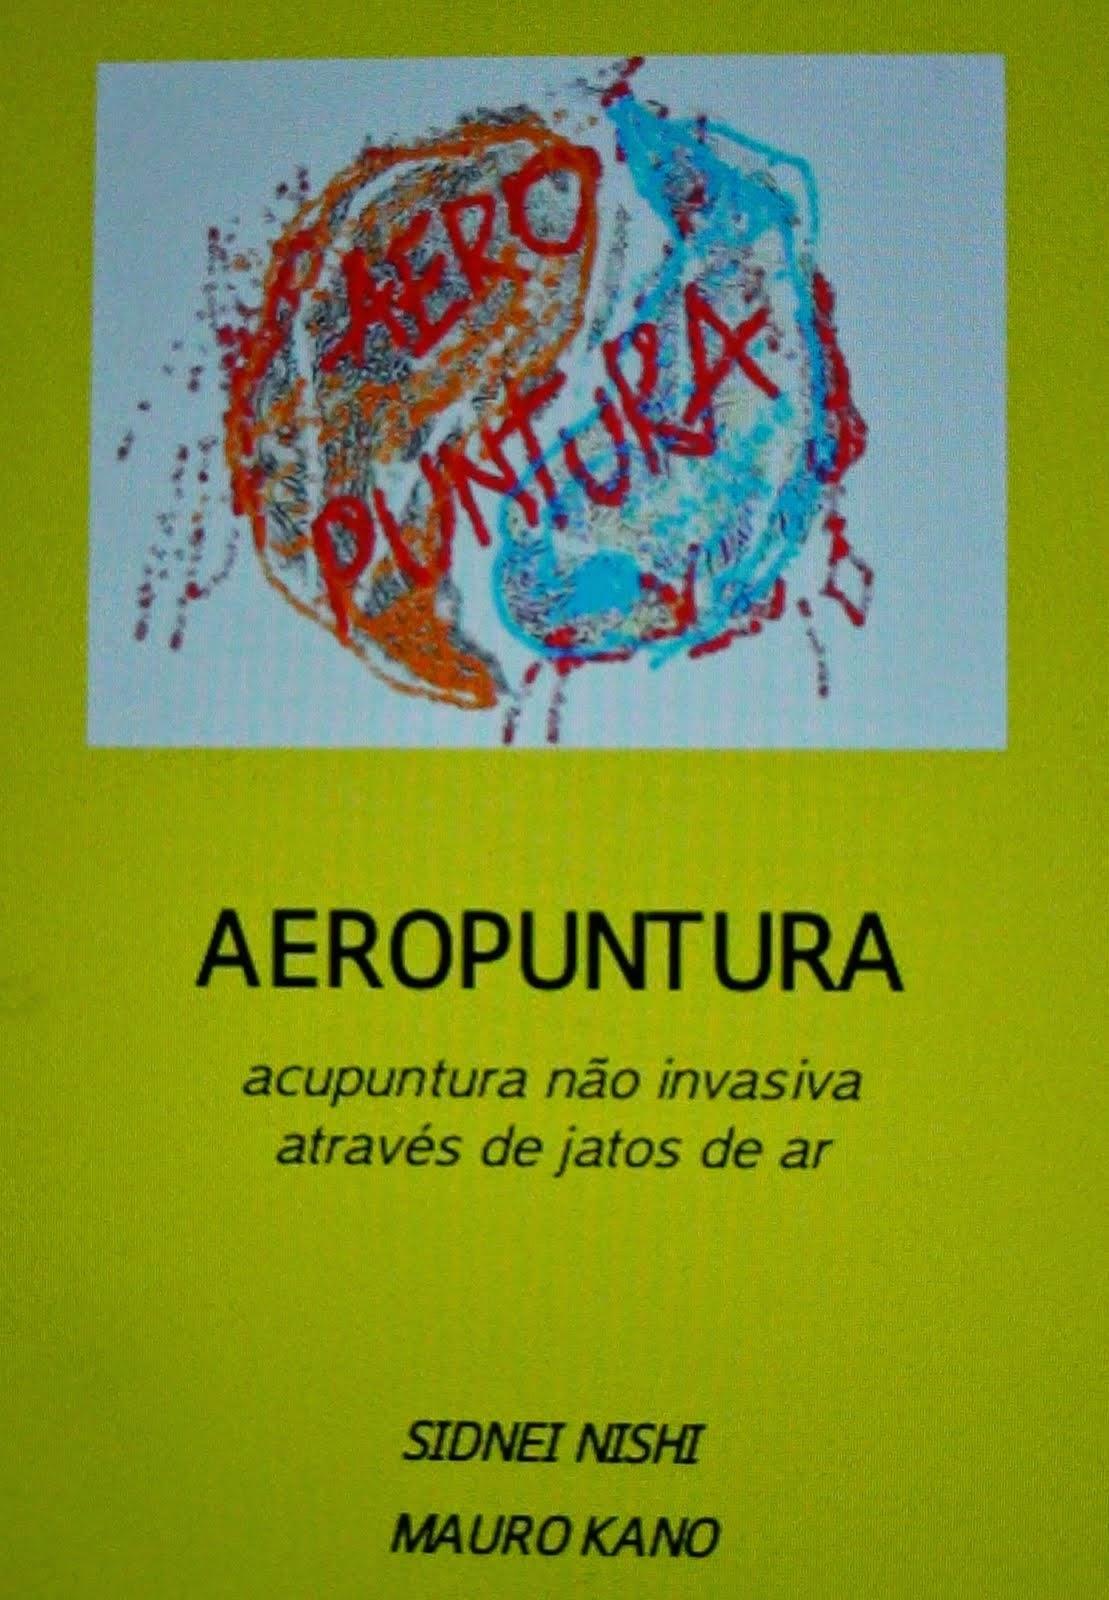 """lançamento...livro """"AEROPUNTURA"""""""